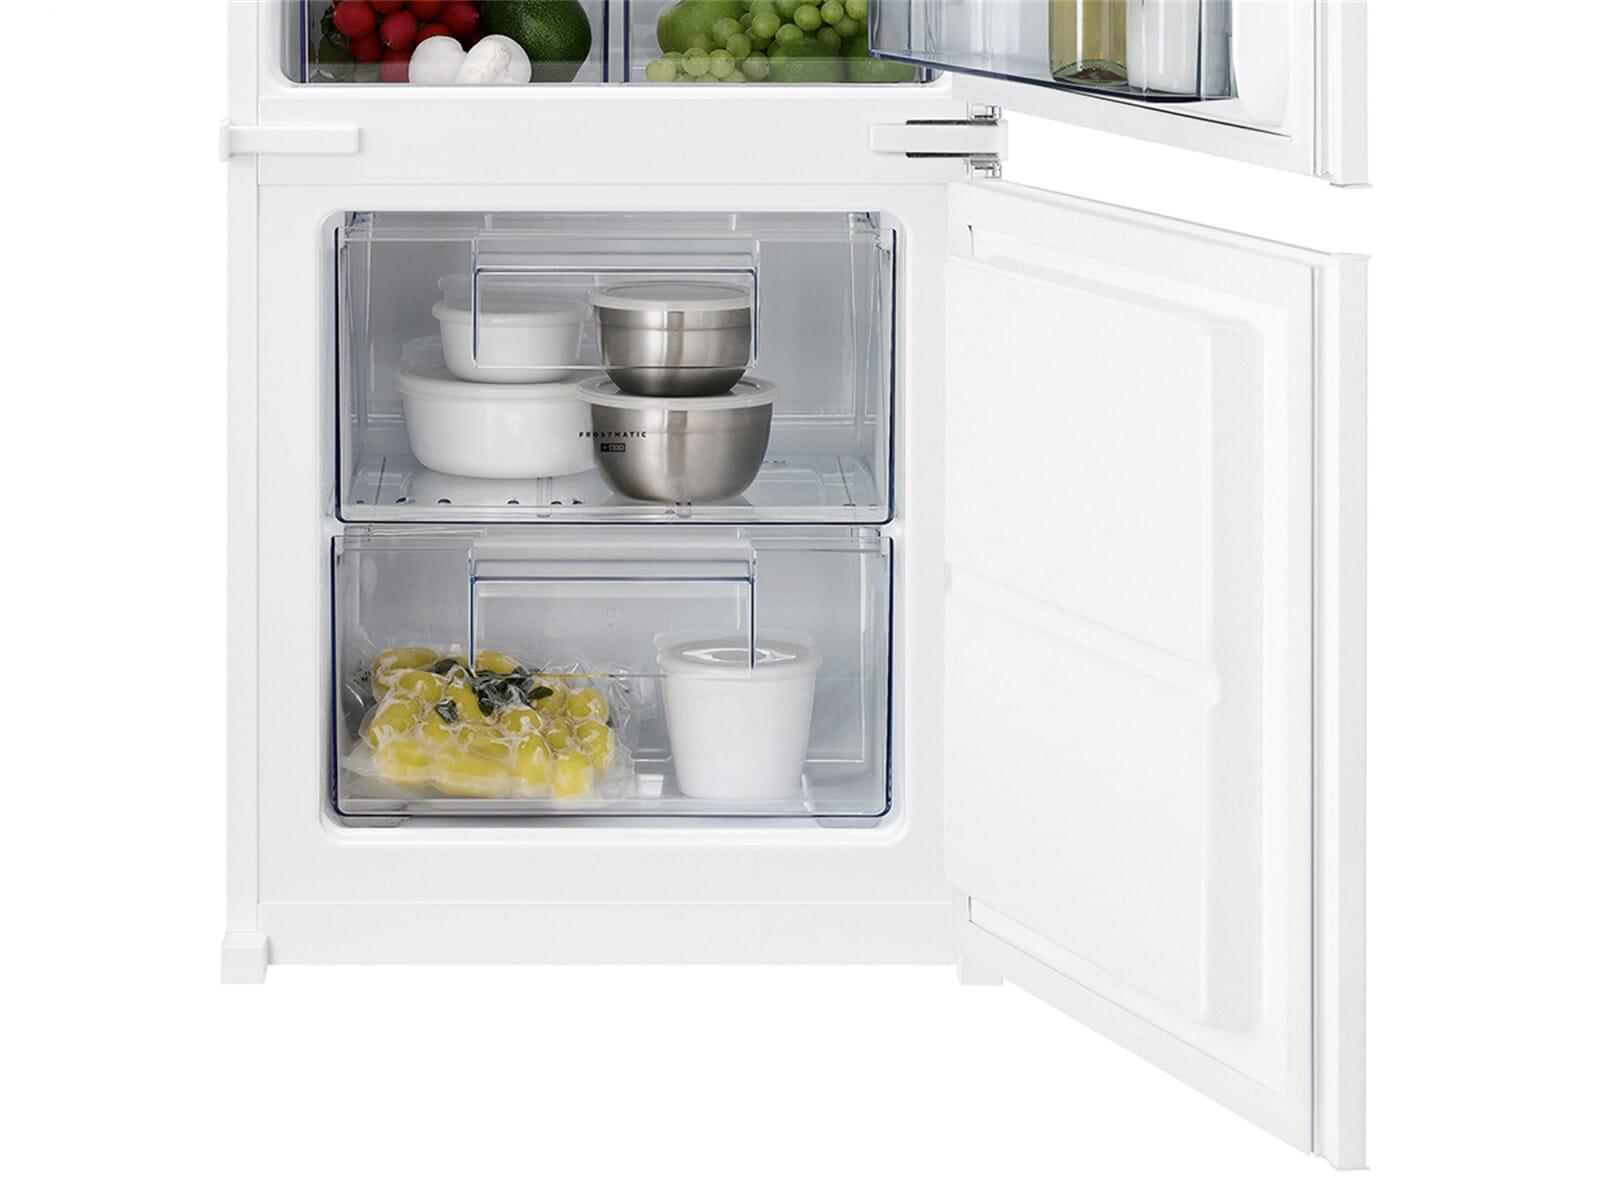 Aeg Kühlschrank Gefrierkombination : Einbau kühl gefrierkombination aeg scb ls a einbau